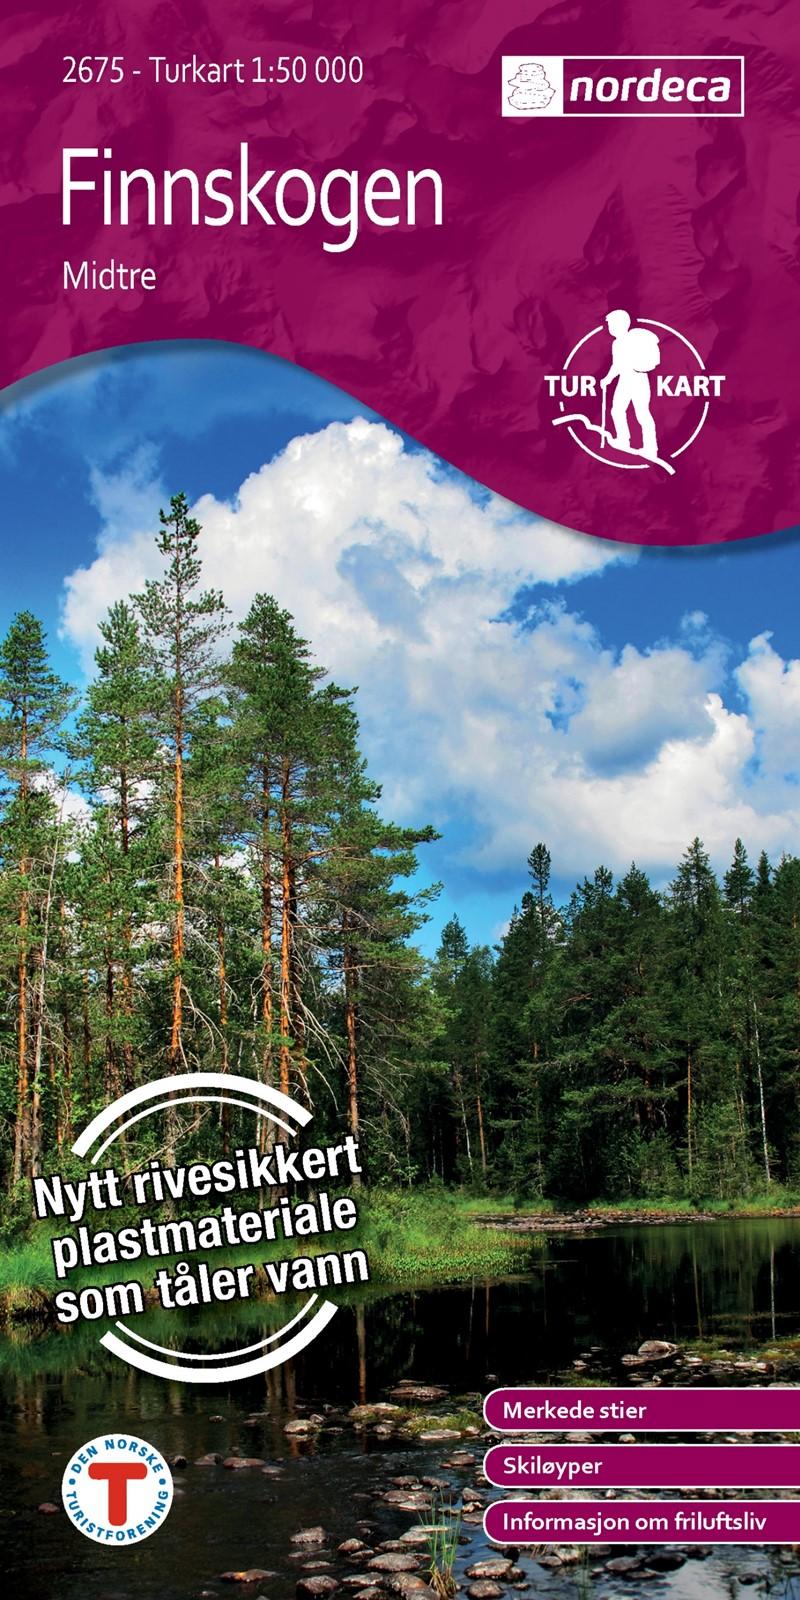 UG-2675  Finnskogen Midtre | topografische wandelkaart 1:50.000 7046660026755  Nordeca / Ugland Turkart Norge 1:50.000  Wandelkaarten Noorwegen boven de Sognefjord